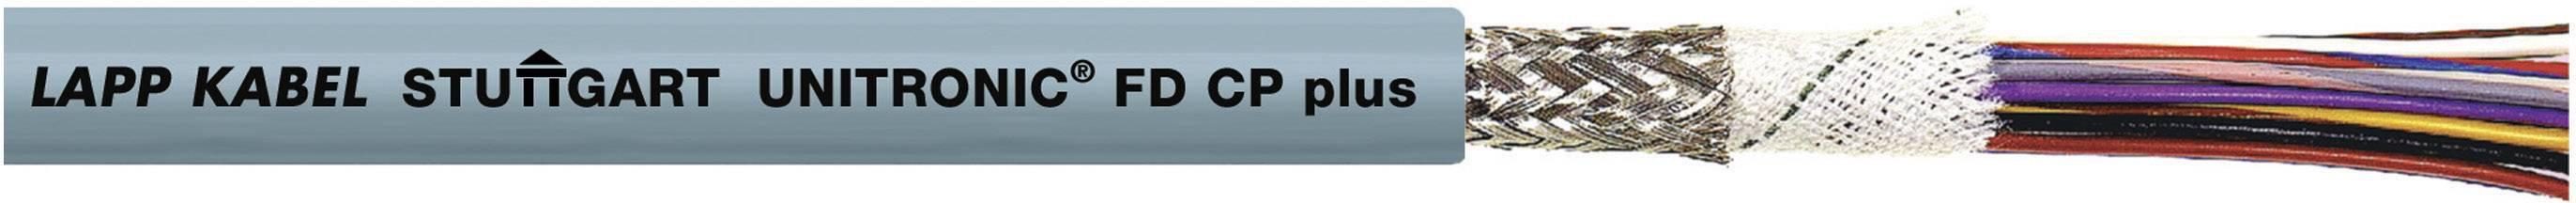 Datový kabel LappKabel UNITRONIC FD CP PLUS 3X0,14 (0028881), 3x 0,14 mm², Ø 4,5 mm, stíněný, 100 m, šedá